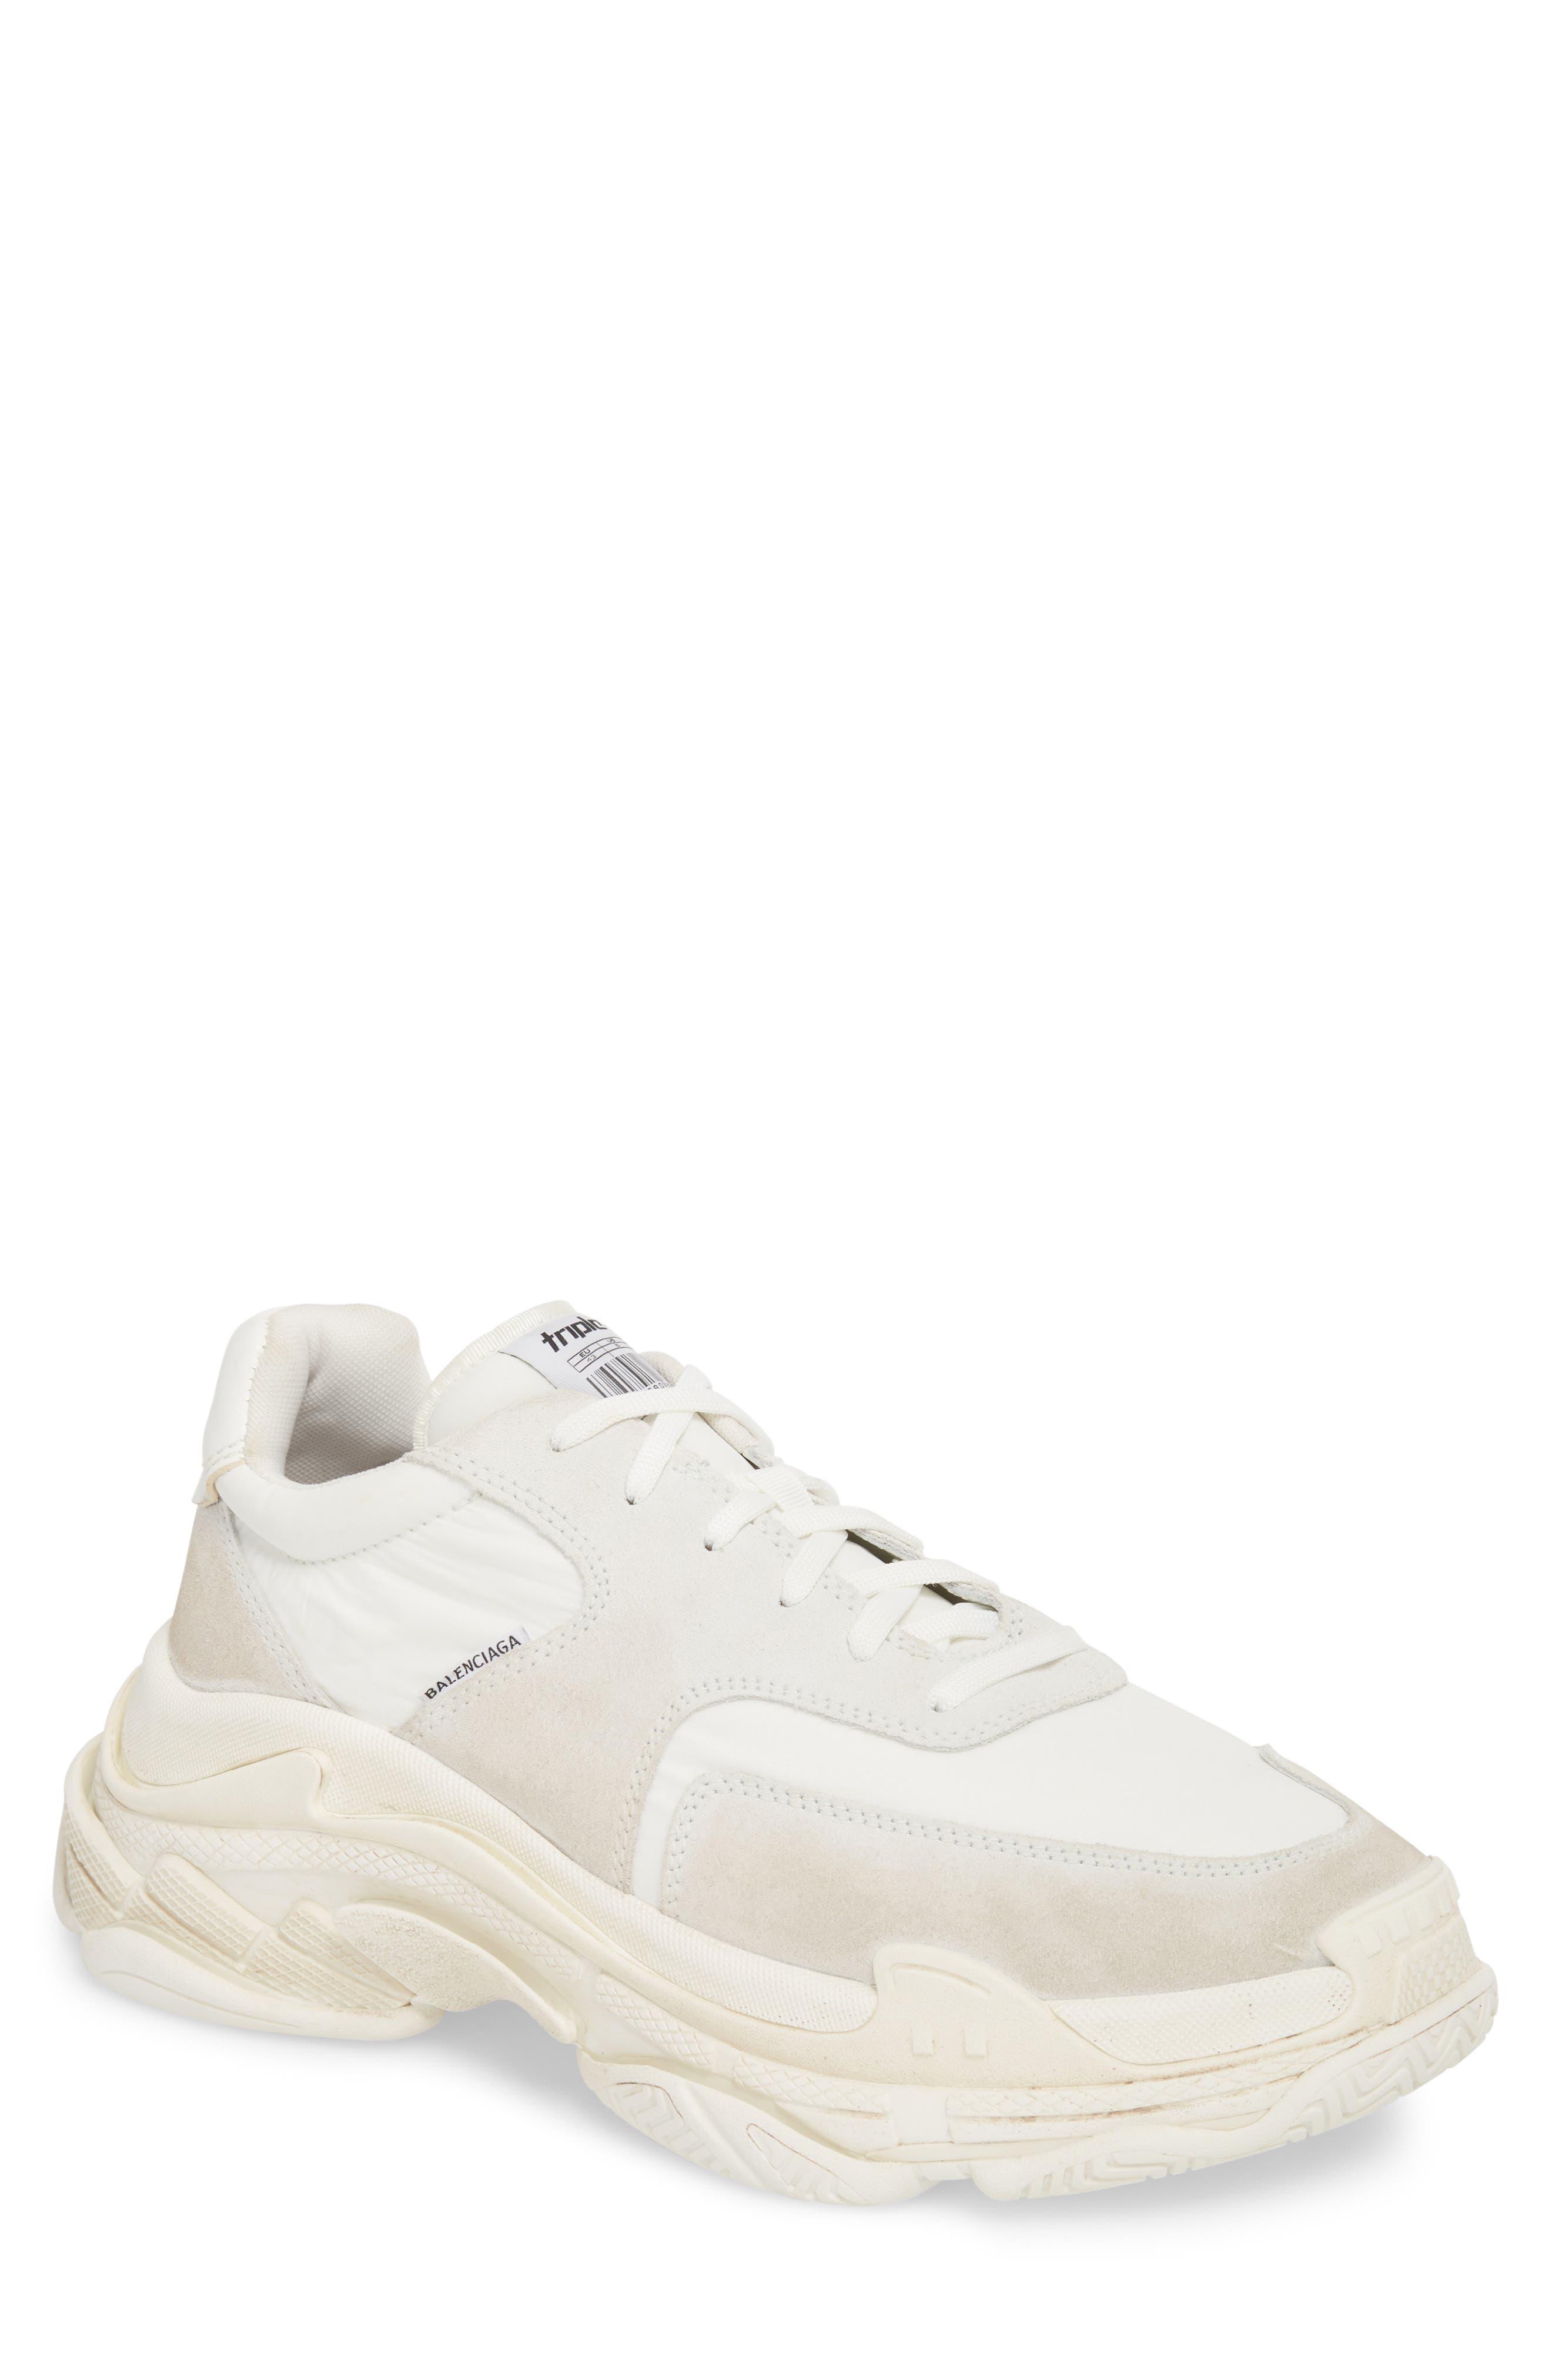 Triple S Retro Sneaker,                         Main,                         color, Blanc White